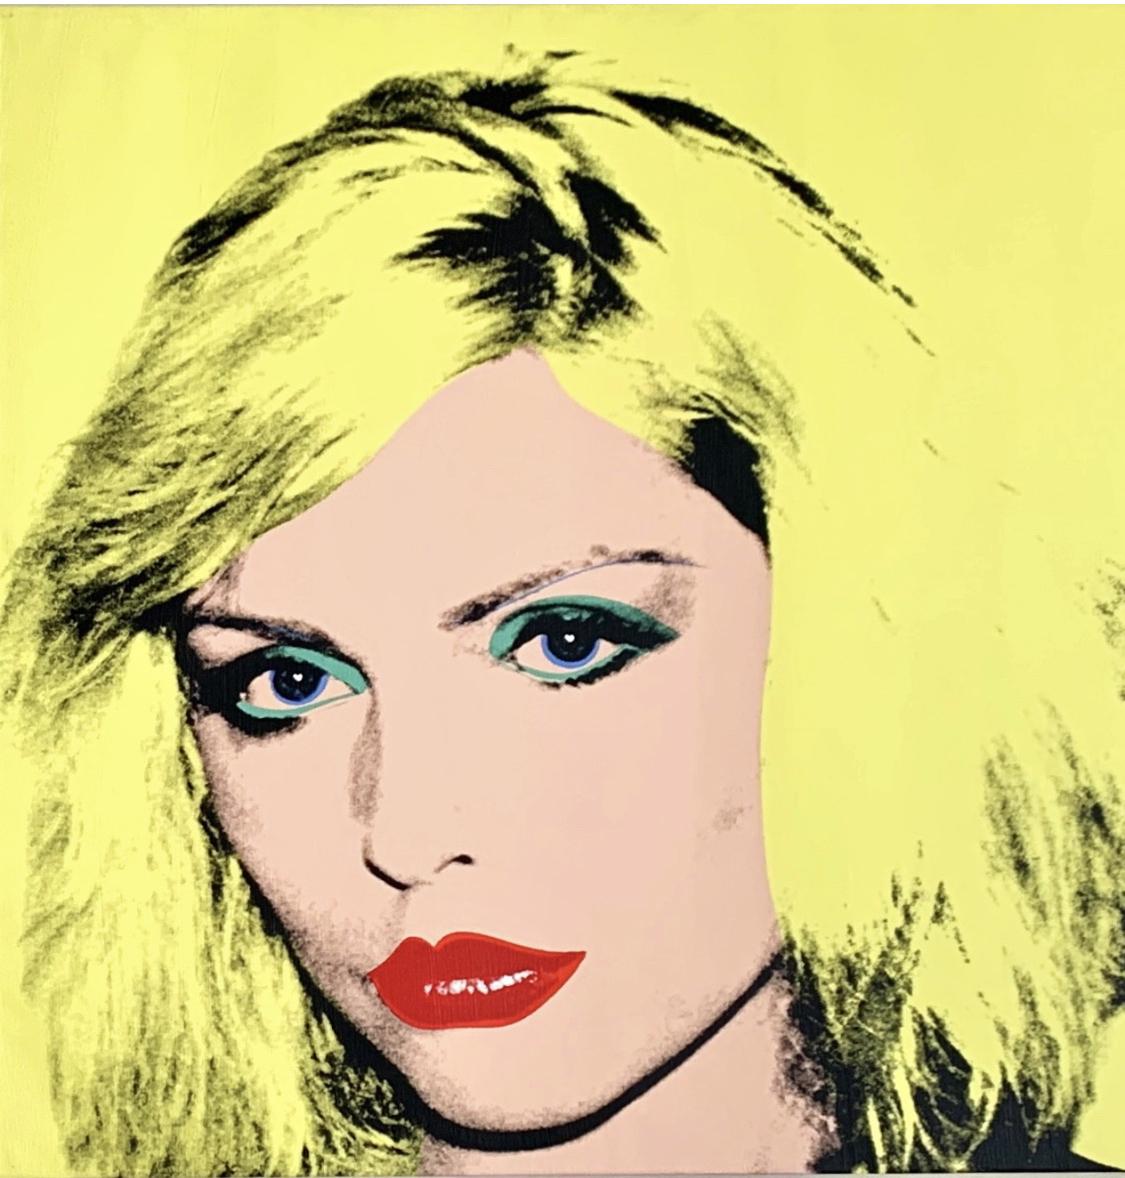 Andy Warhol at Tate Modern - FAD Magazine